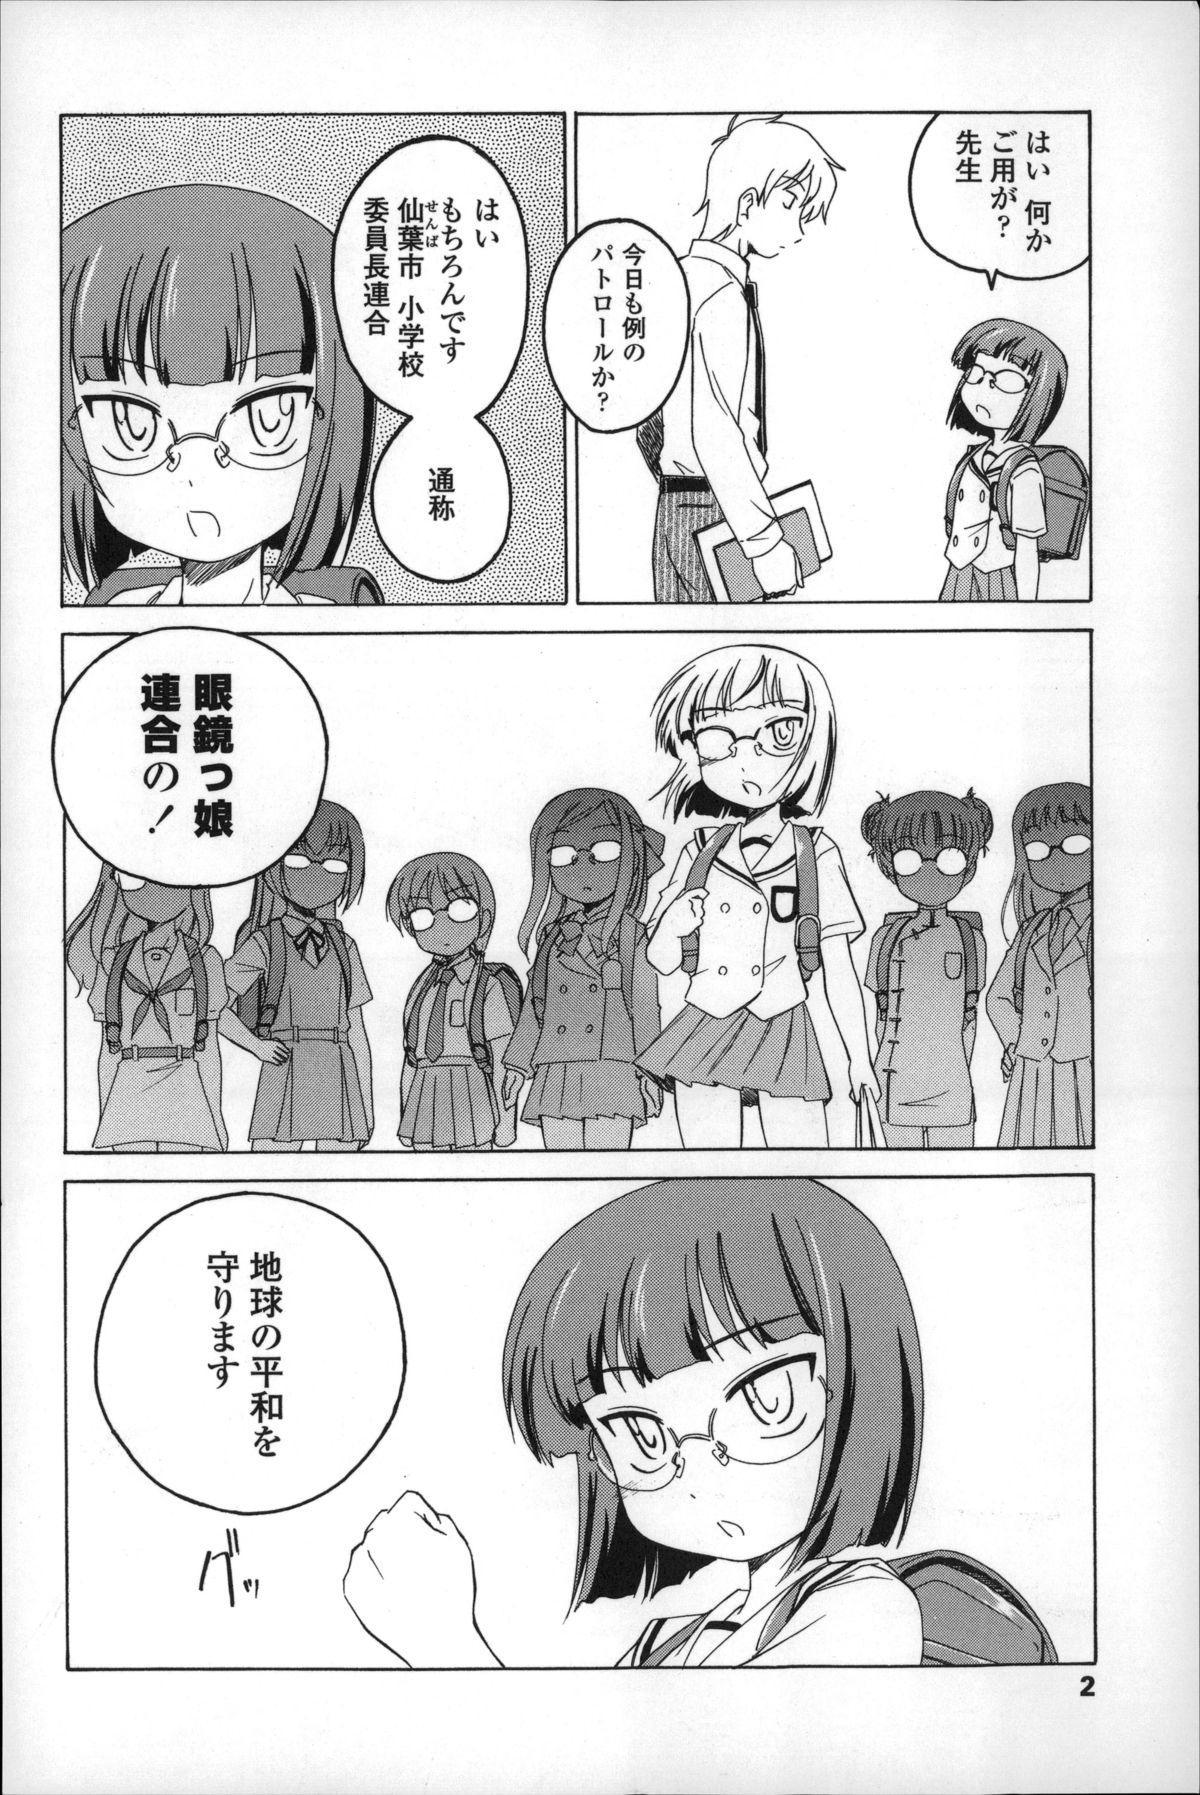 Youshou no Hana no Himitsu - The secret of Girls flowers 5